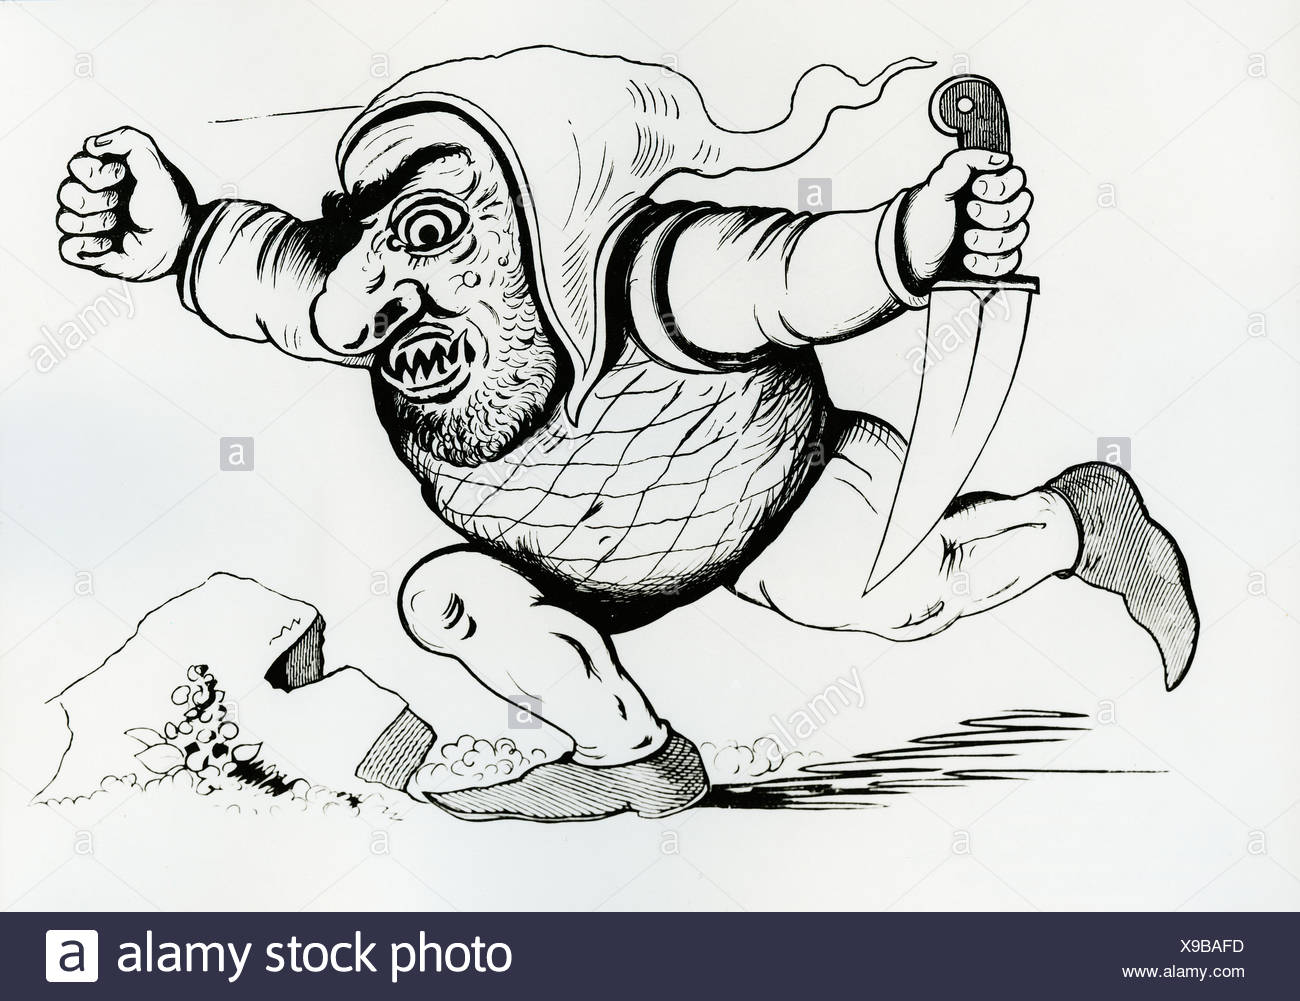 L Ogre Dessin Par Le Comte Franz Pocci 1807 1876 Photo Stock Alamy